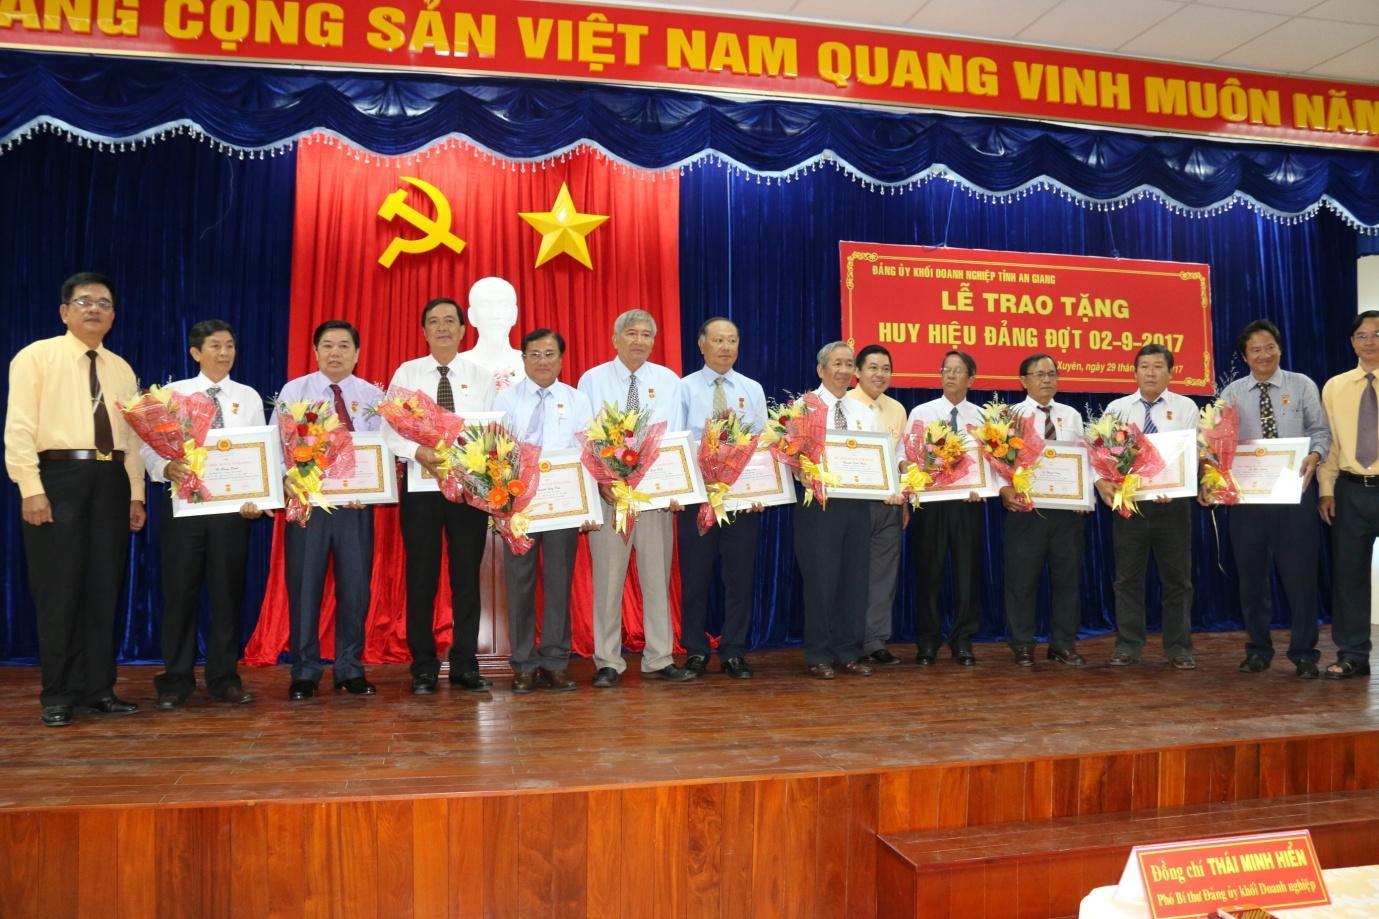 Description: 1. Đồng chí Lê Trung Hiếu - Bí thư Đảng ủy Khối Doanh nghiệp An Giang trao huy hiệu Đảng cho 11 đảng viên.JPG